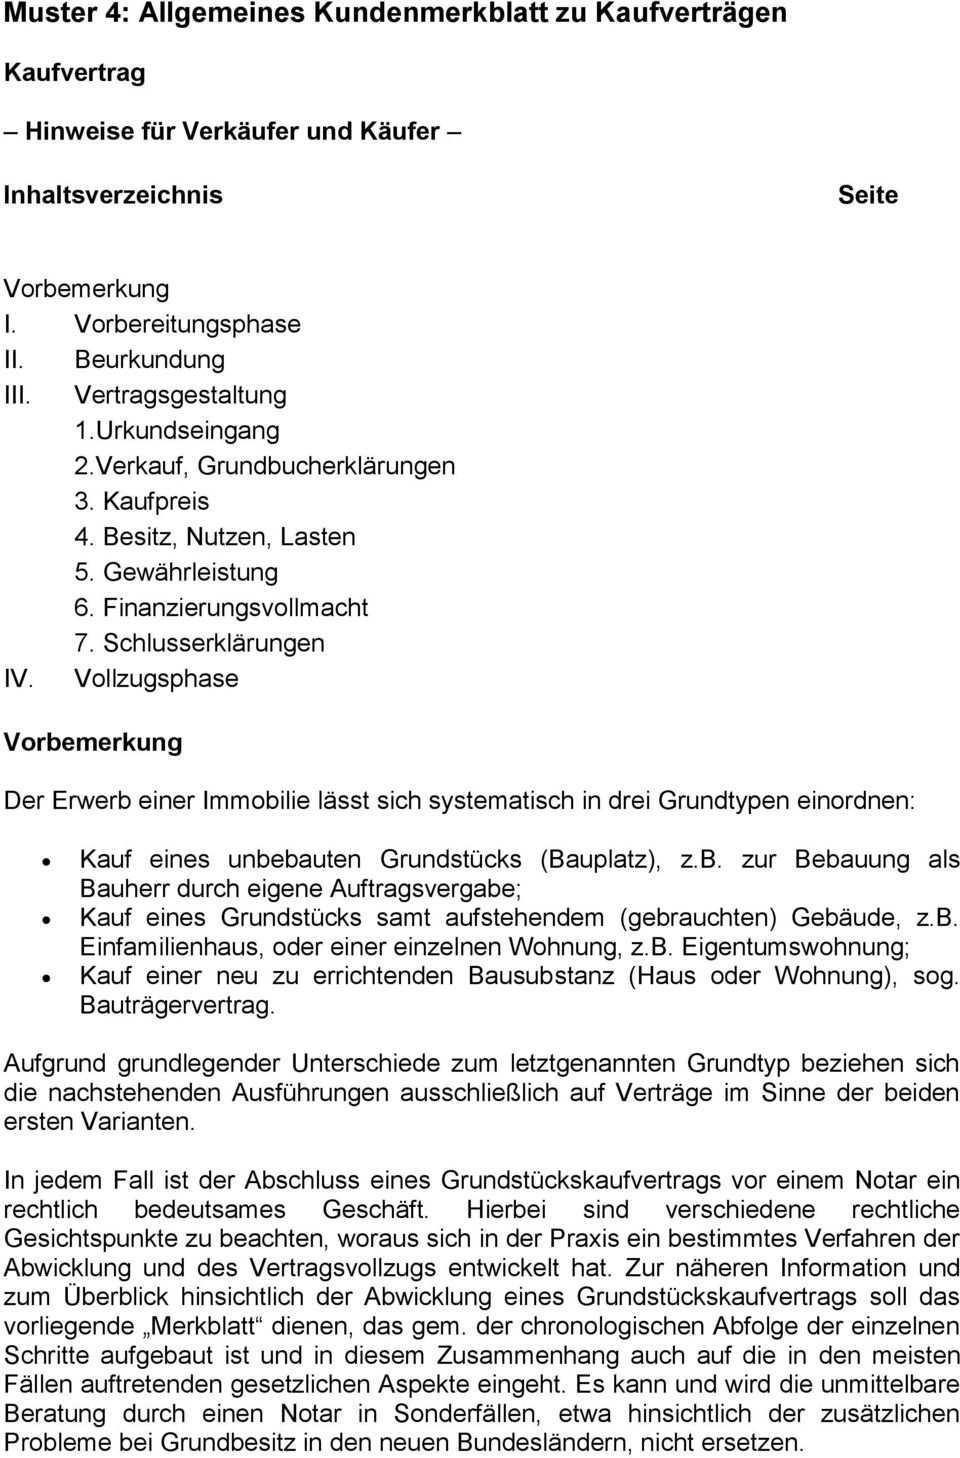 Muster 4 Allgemeines Kundenmerkblatt Zu Kaufvertragen Pdf Free Download